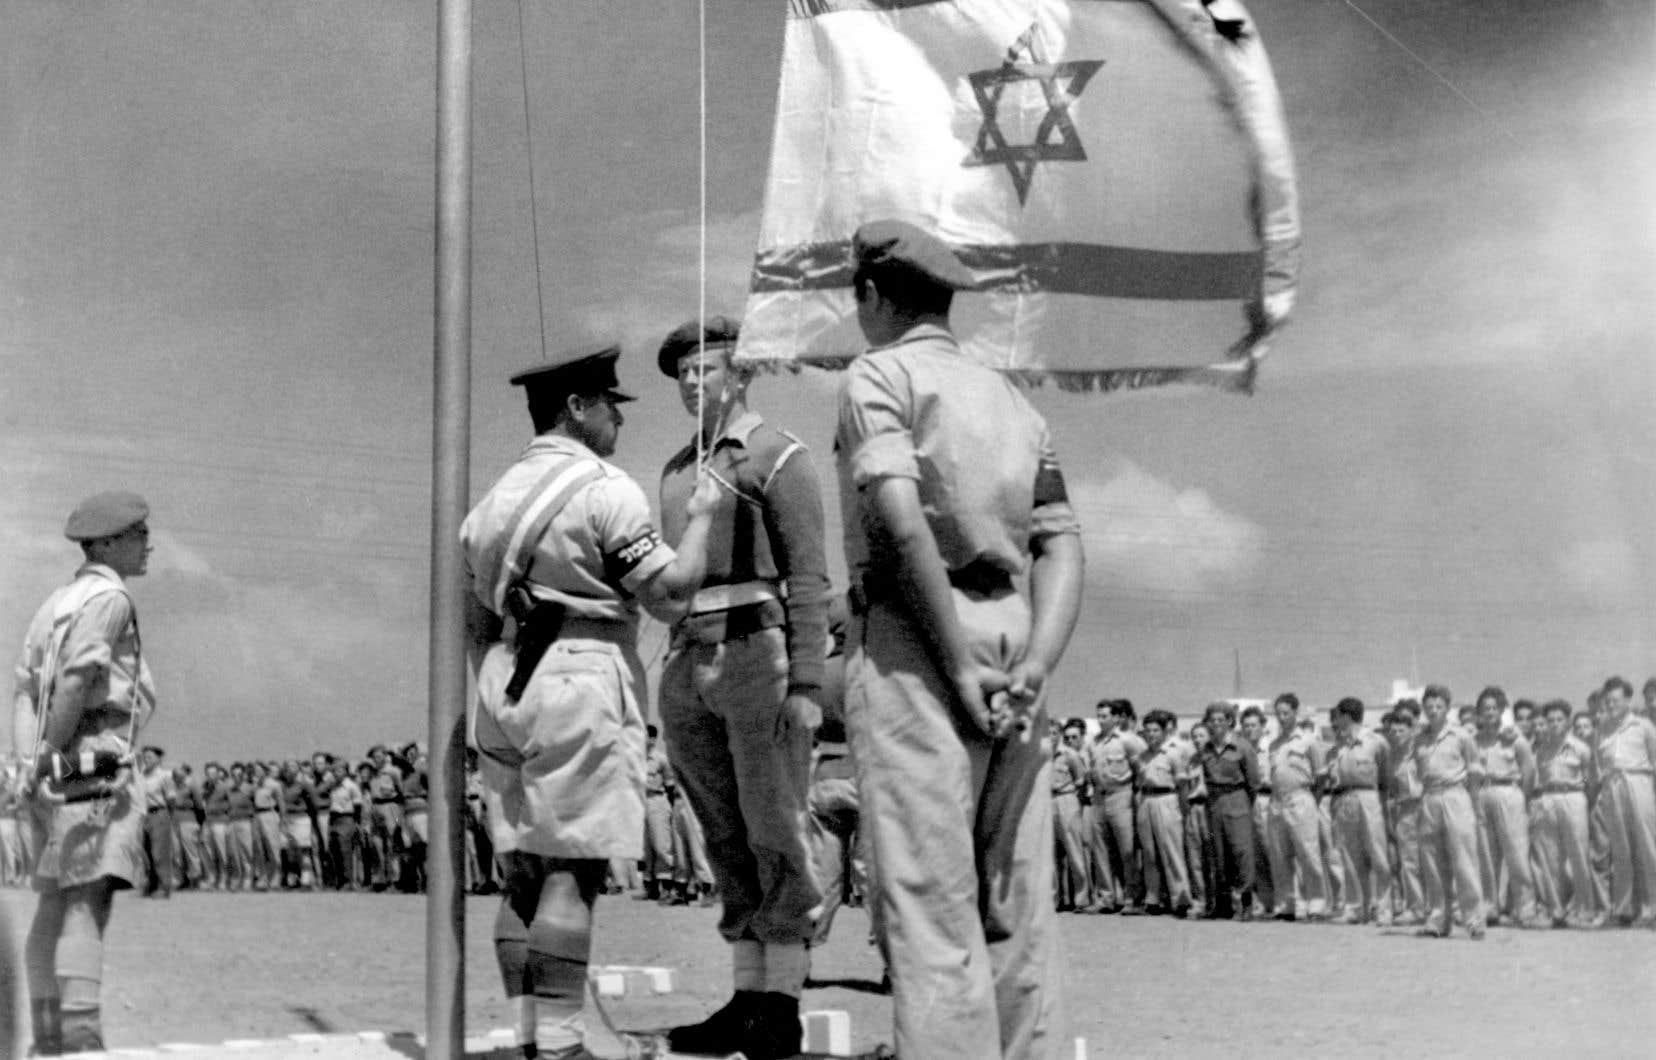 Un officier israélien hisse le drapeau national pour la première fois, quelques jours après la proclamation de l'État d'Israël le 14 mai 1948.